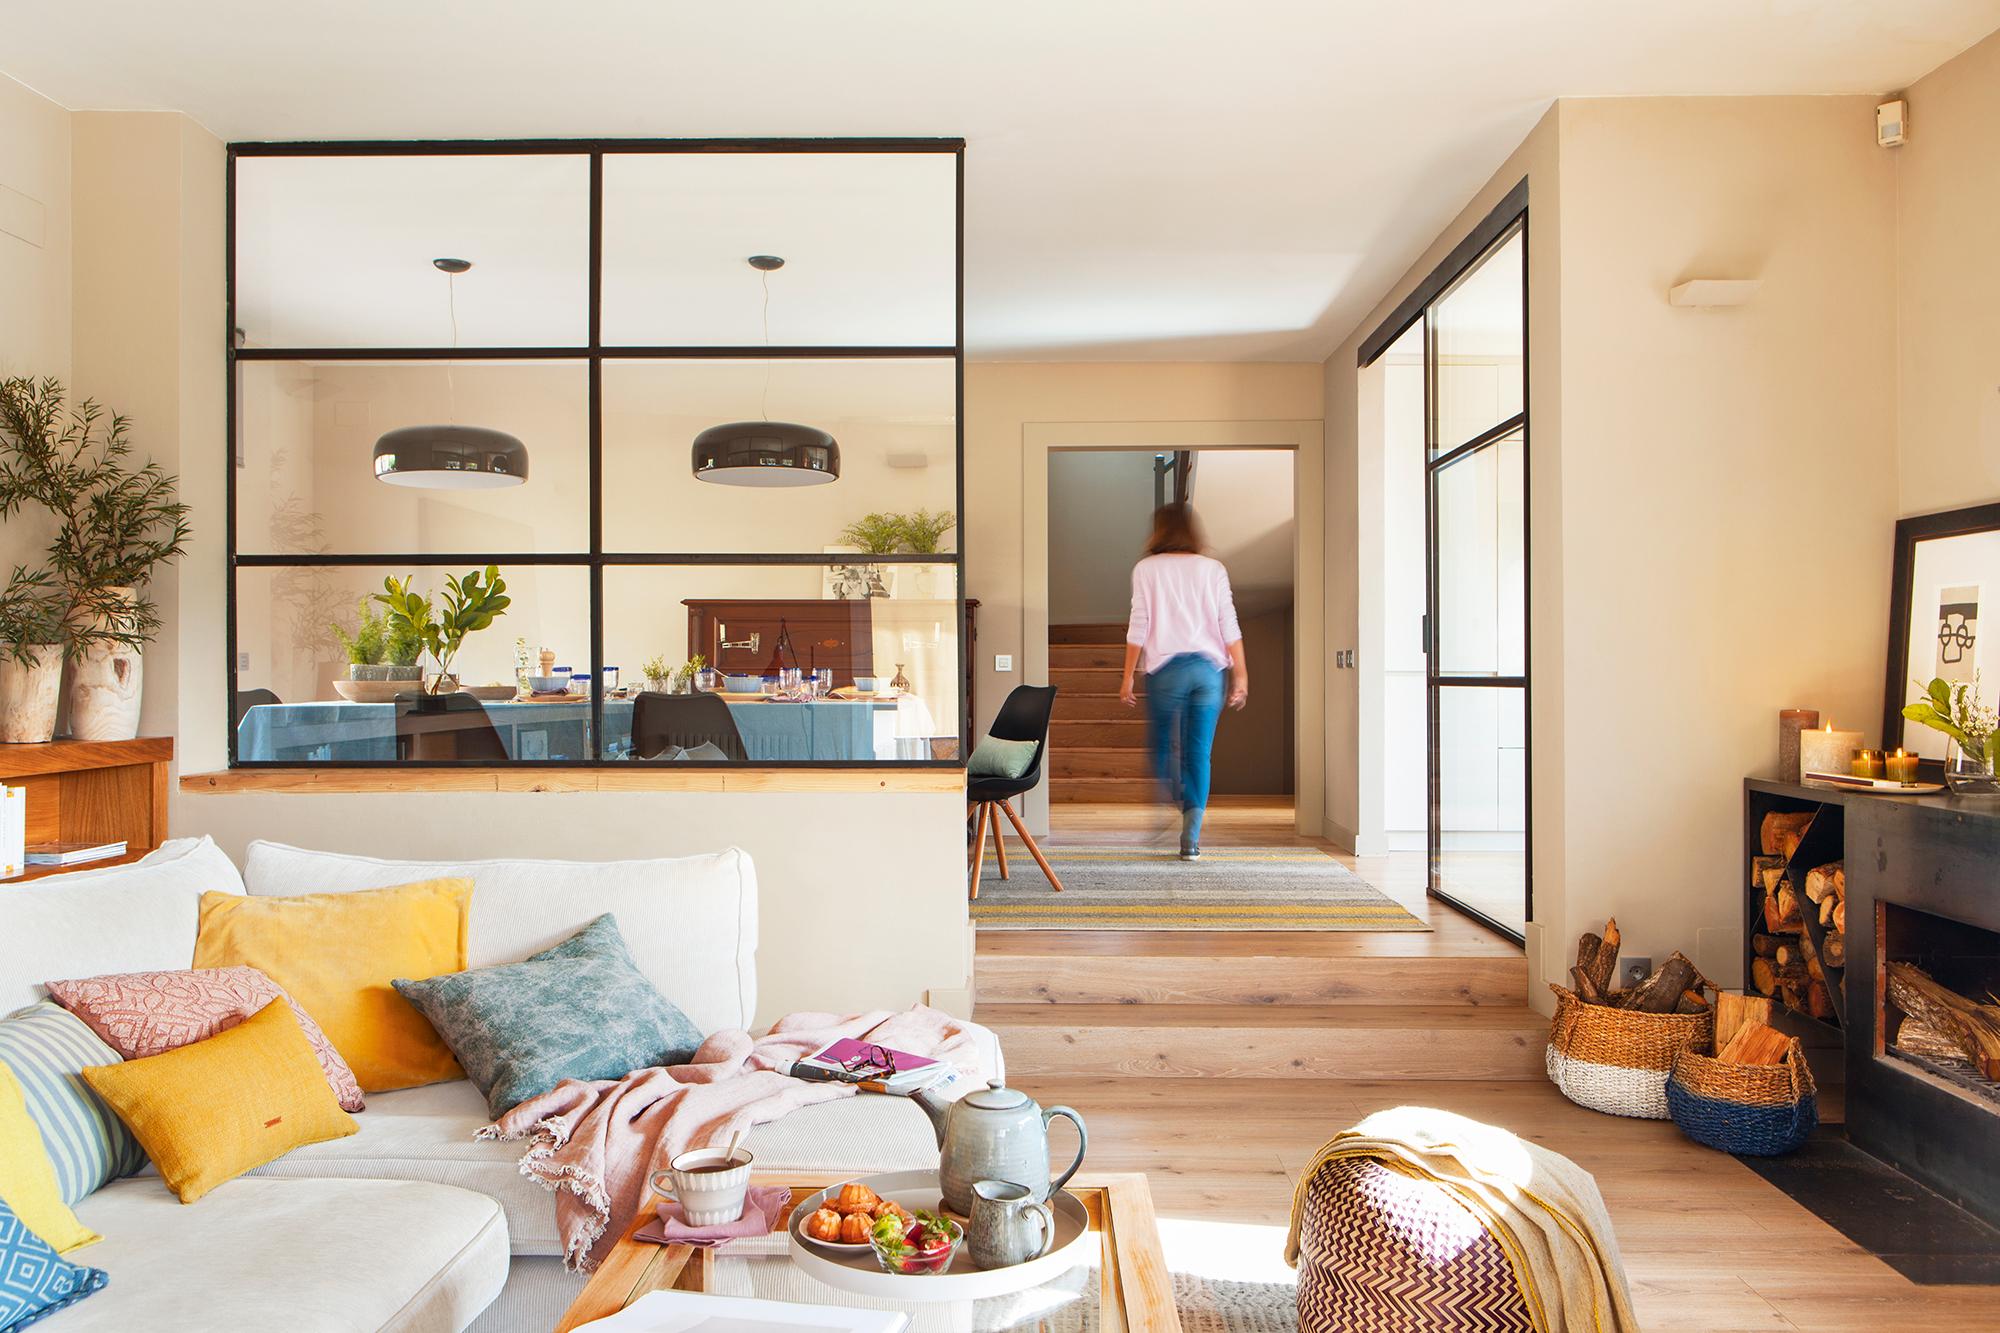 Separar ambientes 10 ideas pr ticas y decorativas for Separar ambientes